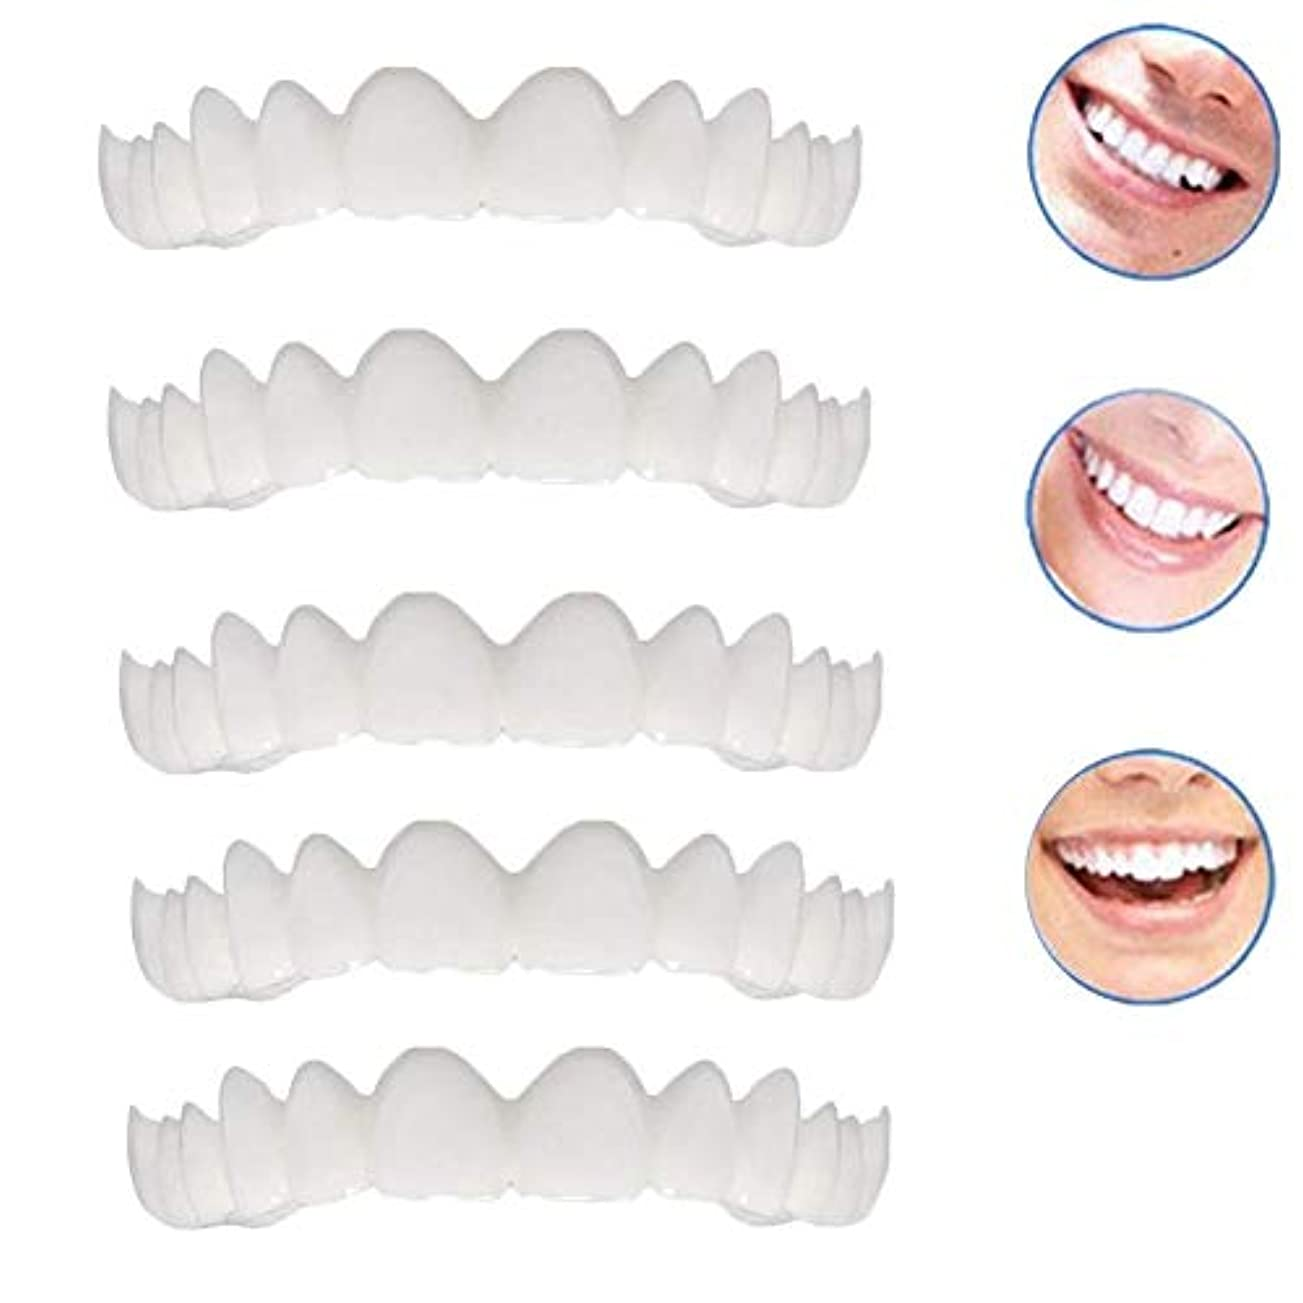 海軍並外れてリラックスした2本の偽のベニヤ修正歯のトップホワイトニング化粧品義歯修正のための悪い歯のための新しいプロの笑顔のベニヤ